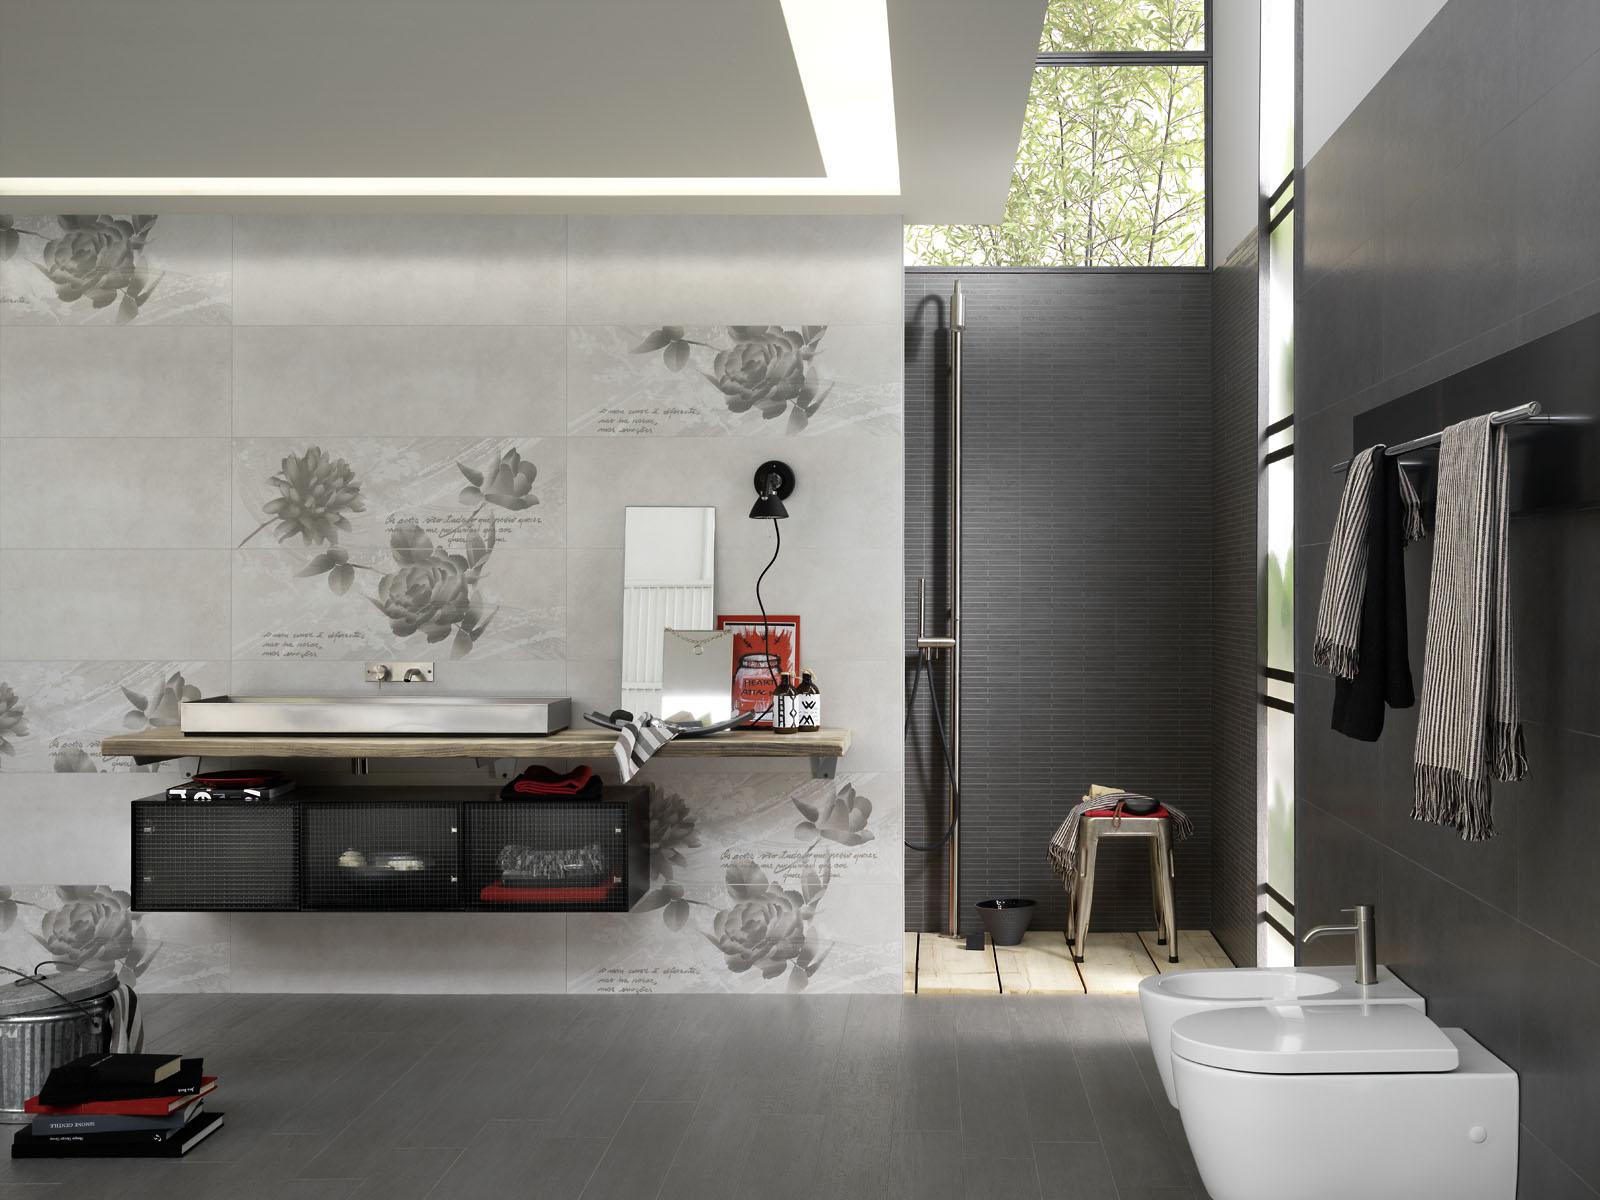 oficina7 - piastrelle rivestimento bagno | marazzi - Marazzi Arredo Bagno